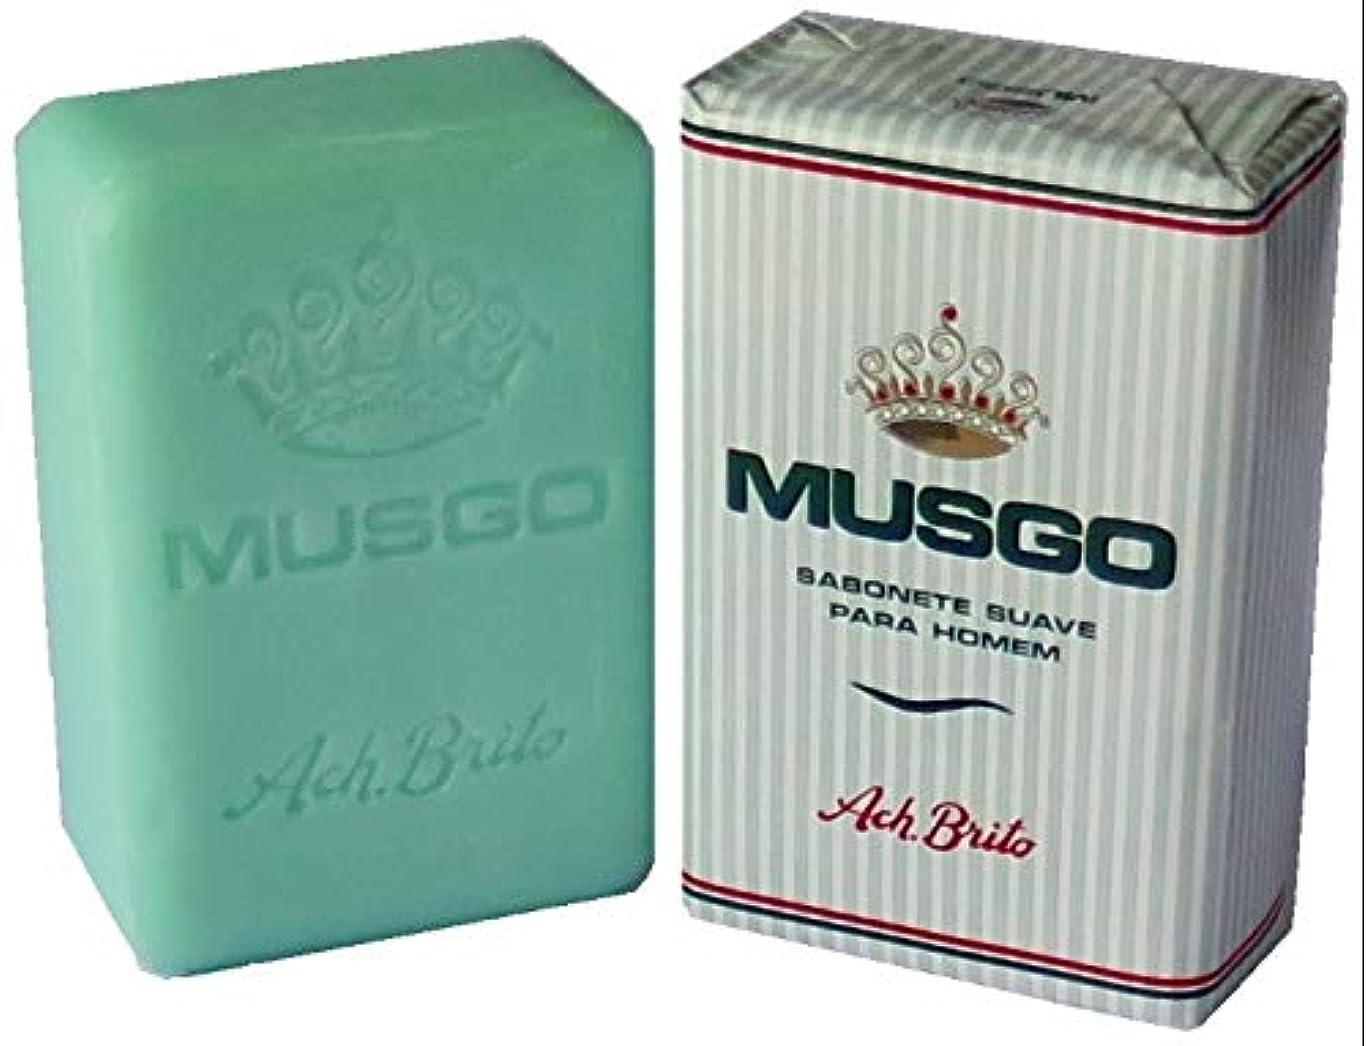 虚栄心州消費Musgo Real Body Soap 「ロイヤルモス」 ボディソープバー 160g [並行輸入品]